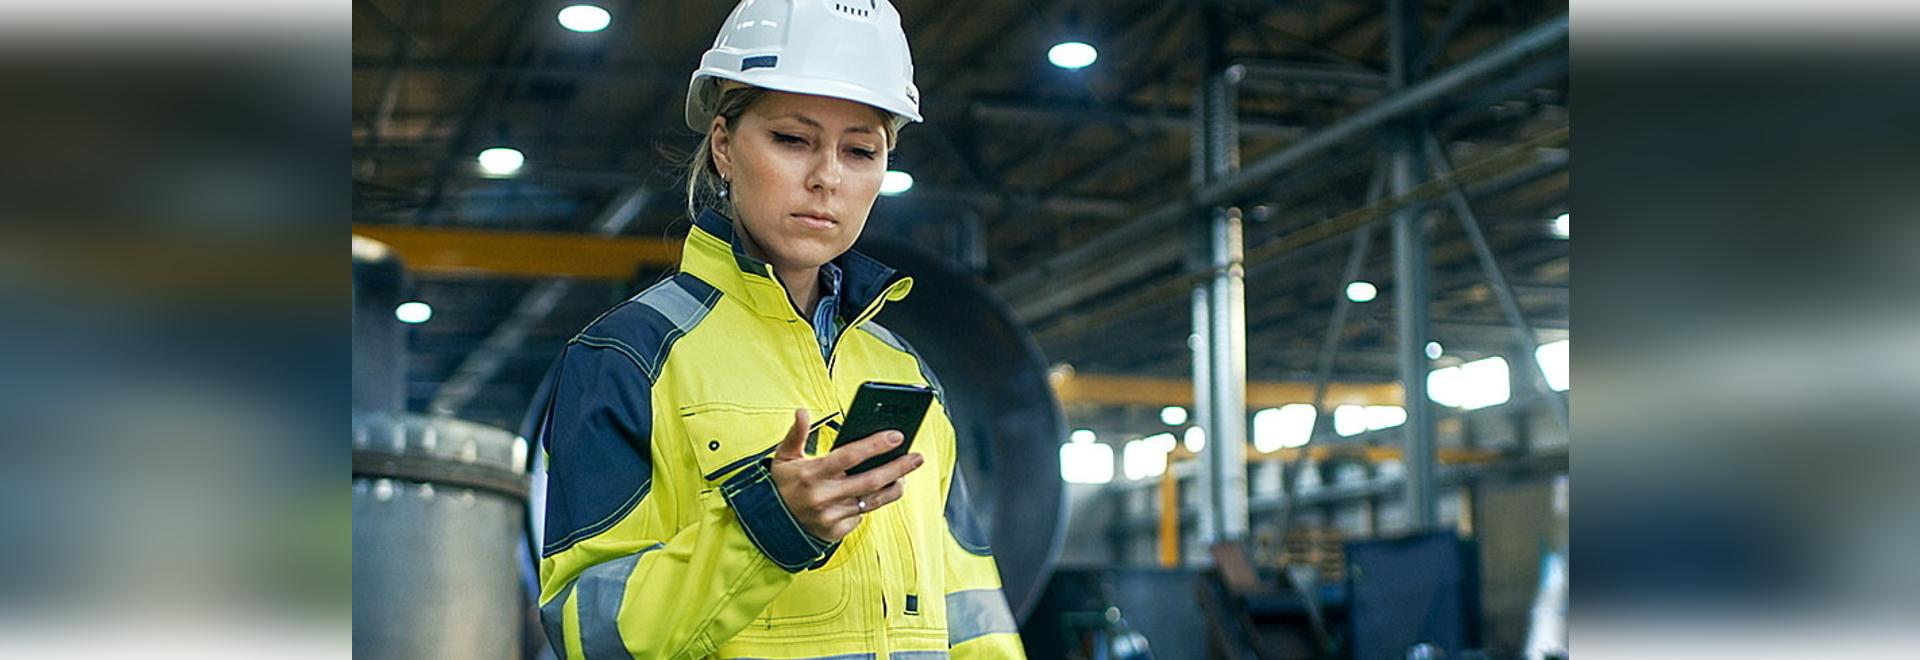 Les applications mobiles contribuent à réduire les risques dans le secteur de la sécurité